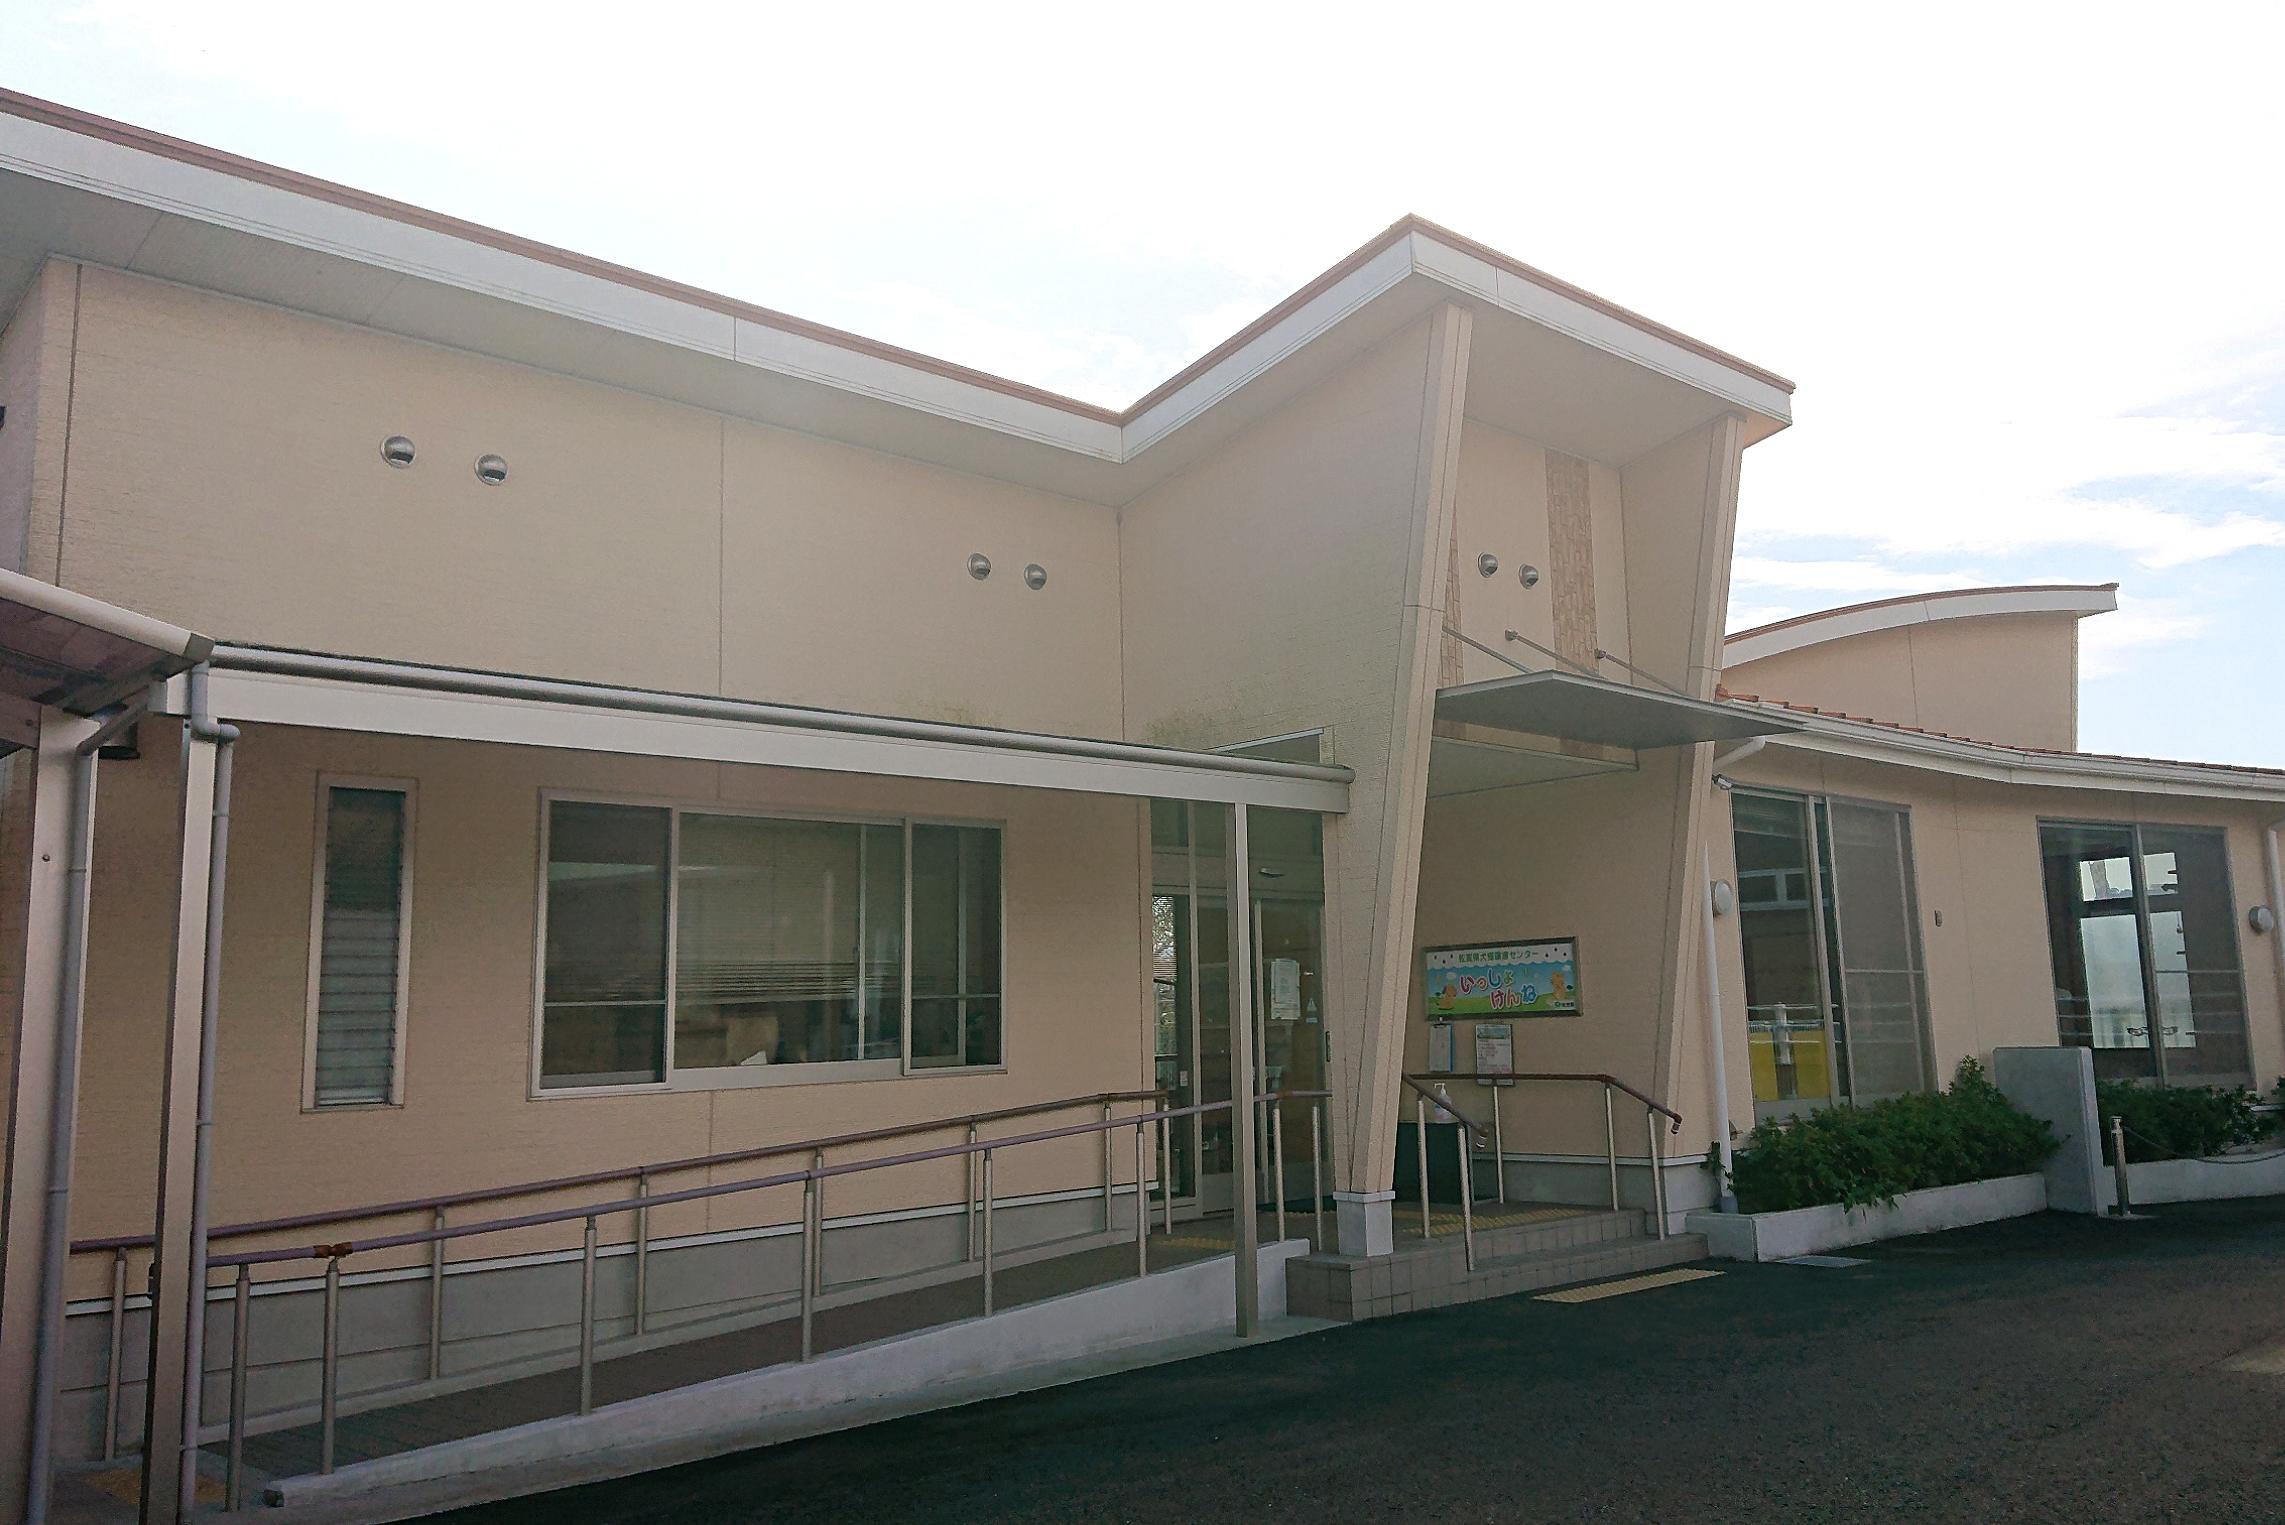 佐賀県犬猫譲渡センター(いっしょけんね)で、LaKarenの食器を使って頂きました。